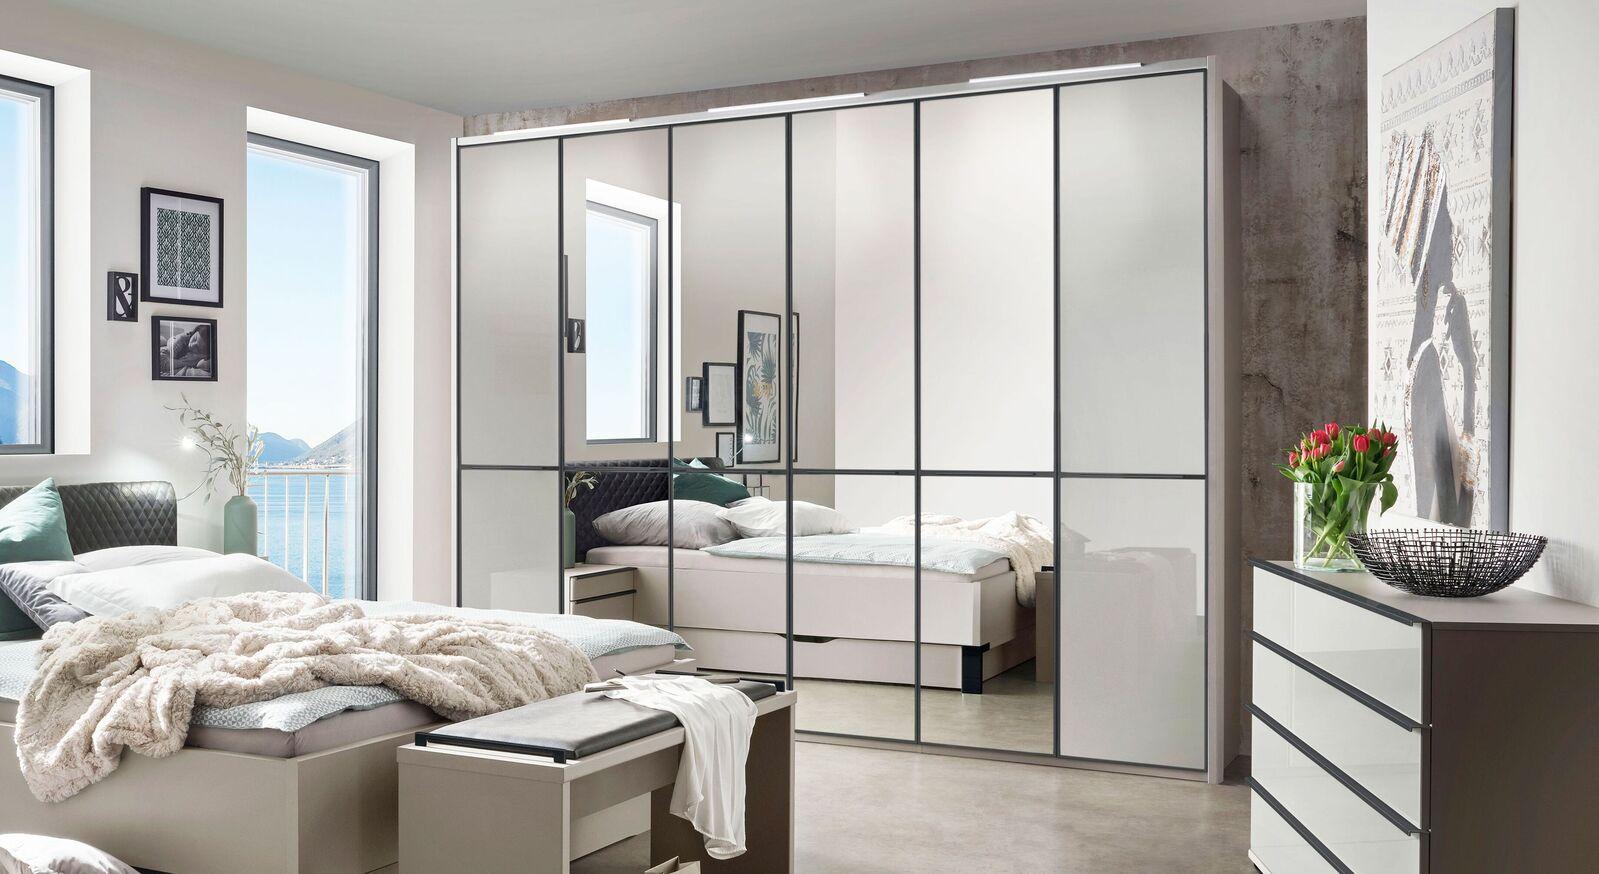 Spiegel-Drehtüren-Kleiderschrank Loyd aus kieselgrauem Glas